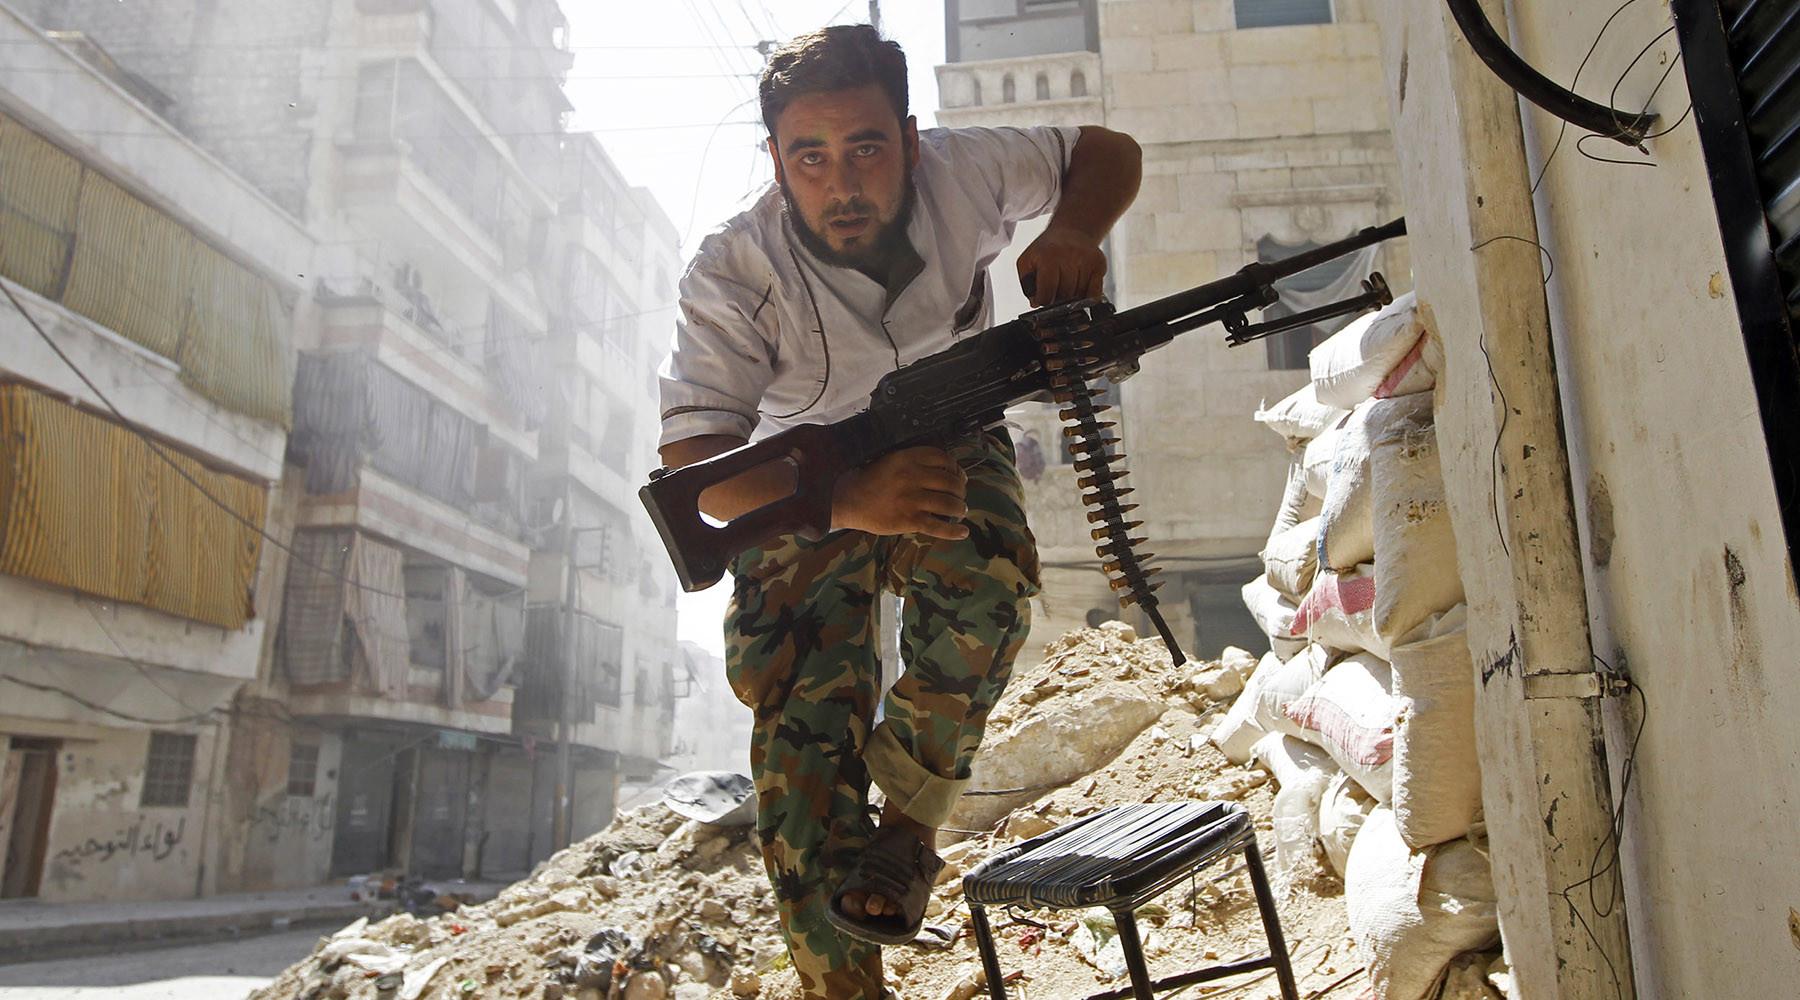 Летальные спецэффекты: как США применяют белый фосфор в Сирии